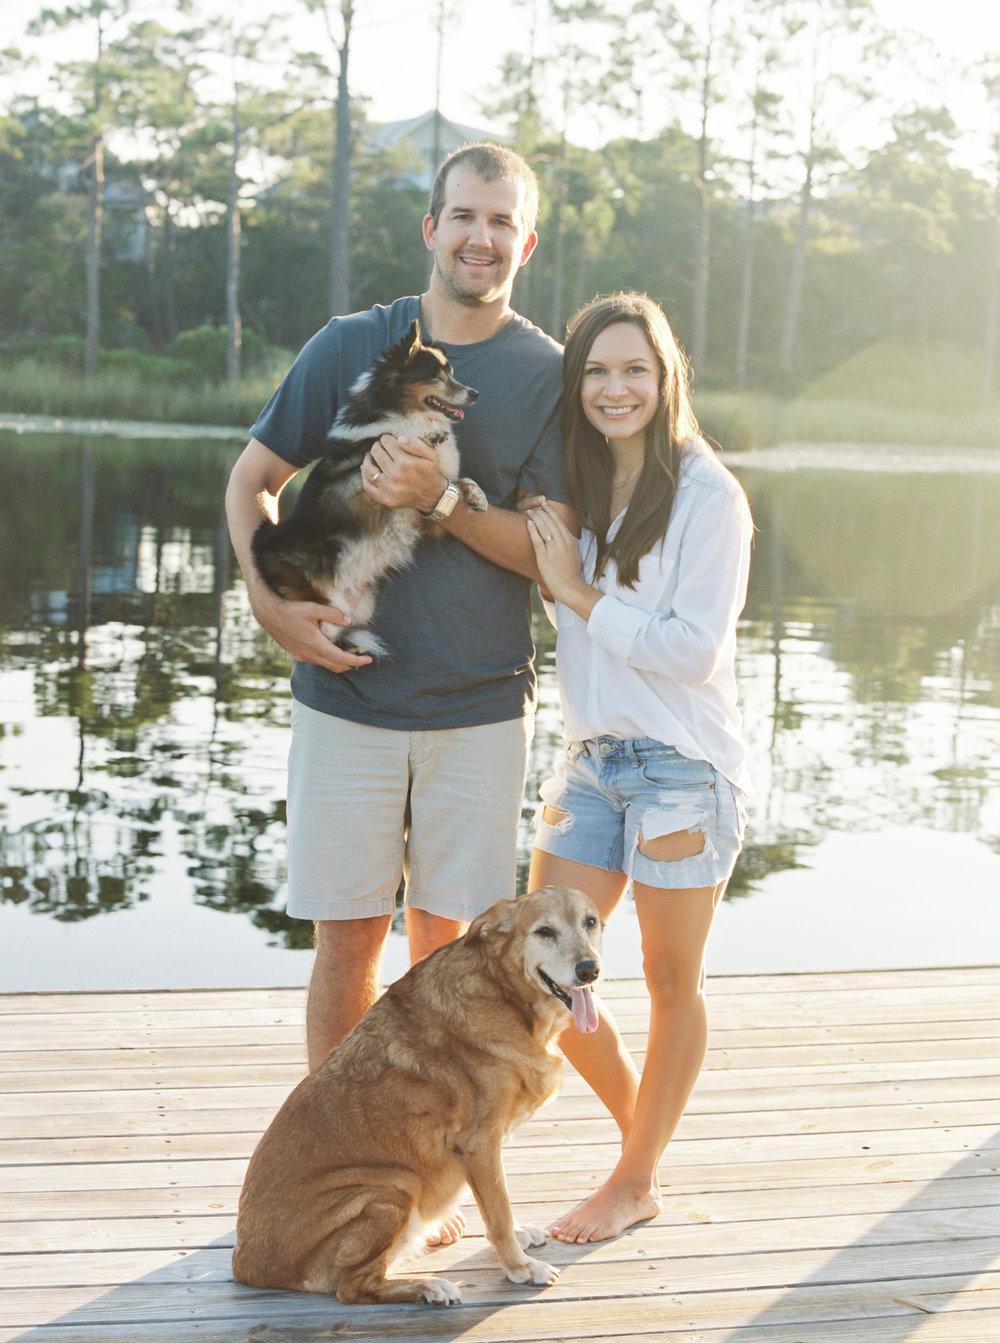 Kaylie&Cory&Pups-1005.jpg